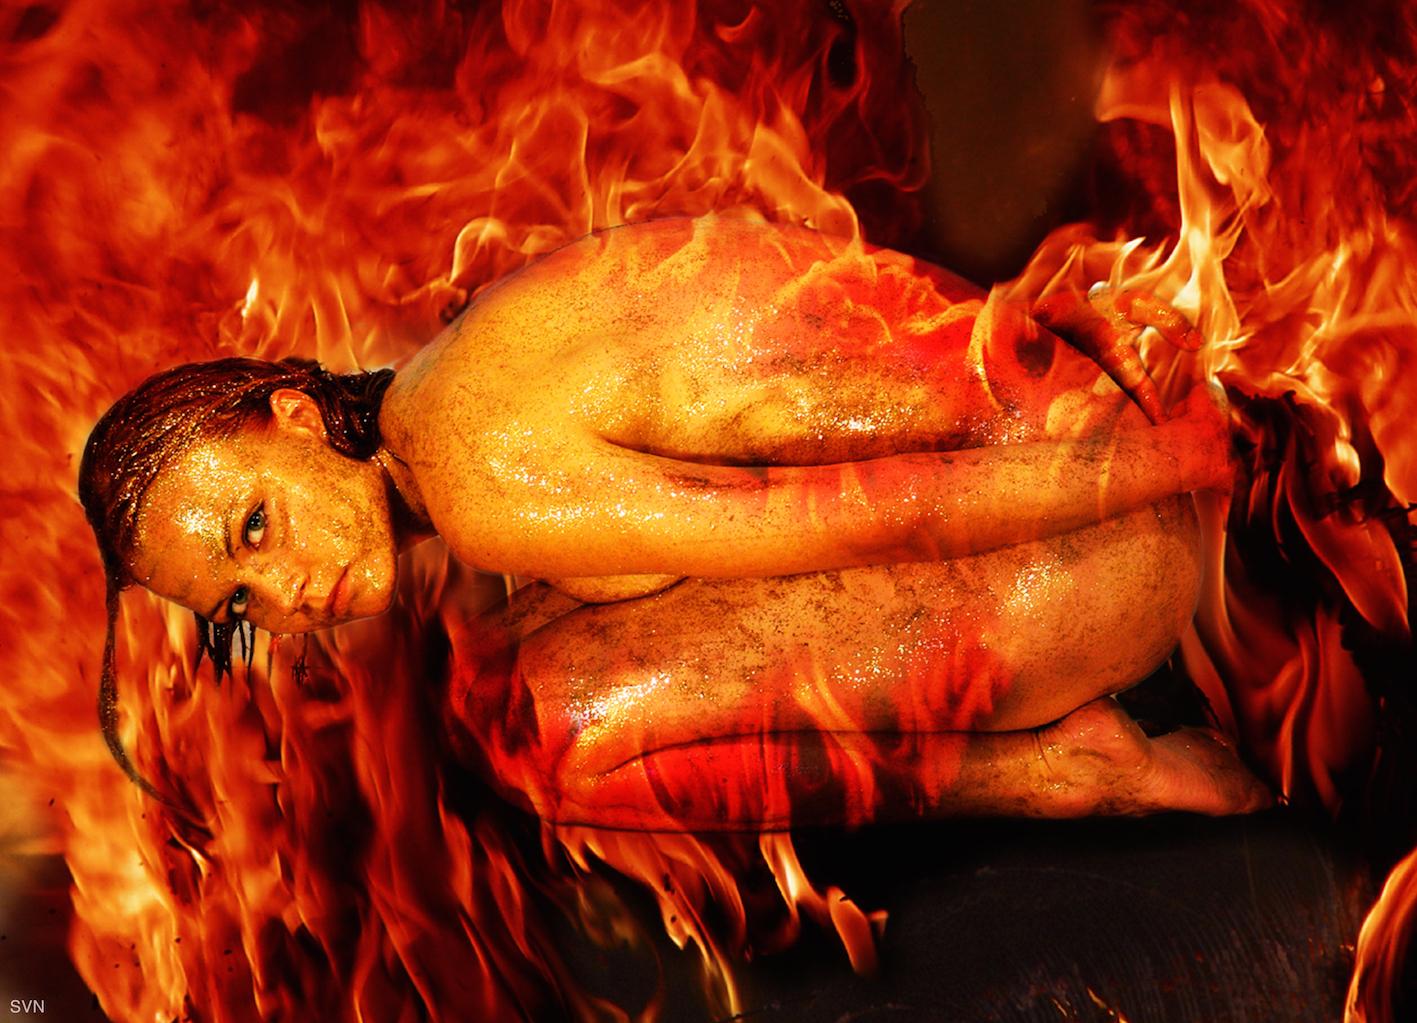 Fire she said - Photoshop, bodypaint - foto door hybryds op 05-05-2021 - deze foto bevat: hybryds, vuur, goud, bodypaint, menselijk lichaam, organisme, warmte, flitsfotografie, kunst, evenement, vlees, vlees, mythologie, cg-illustraties